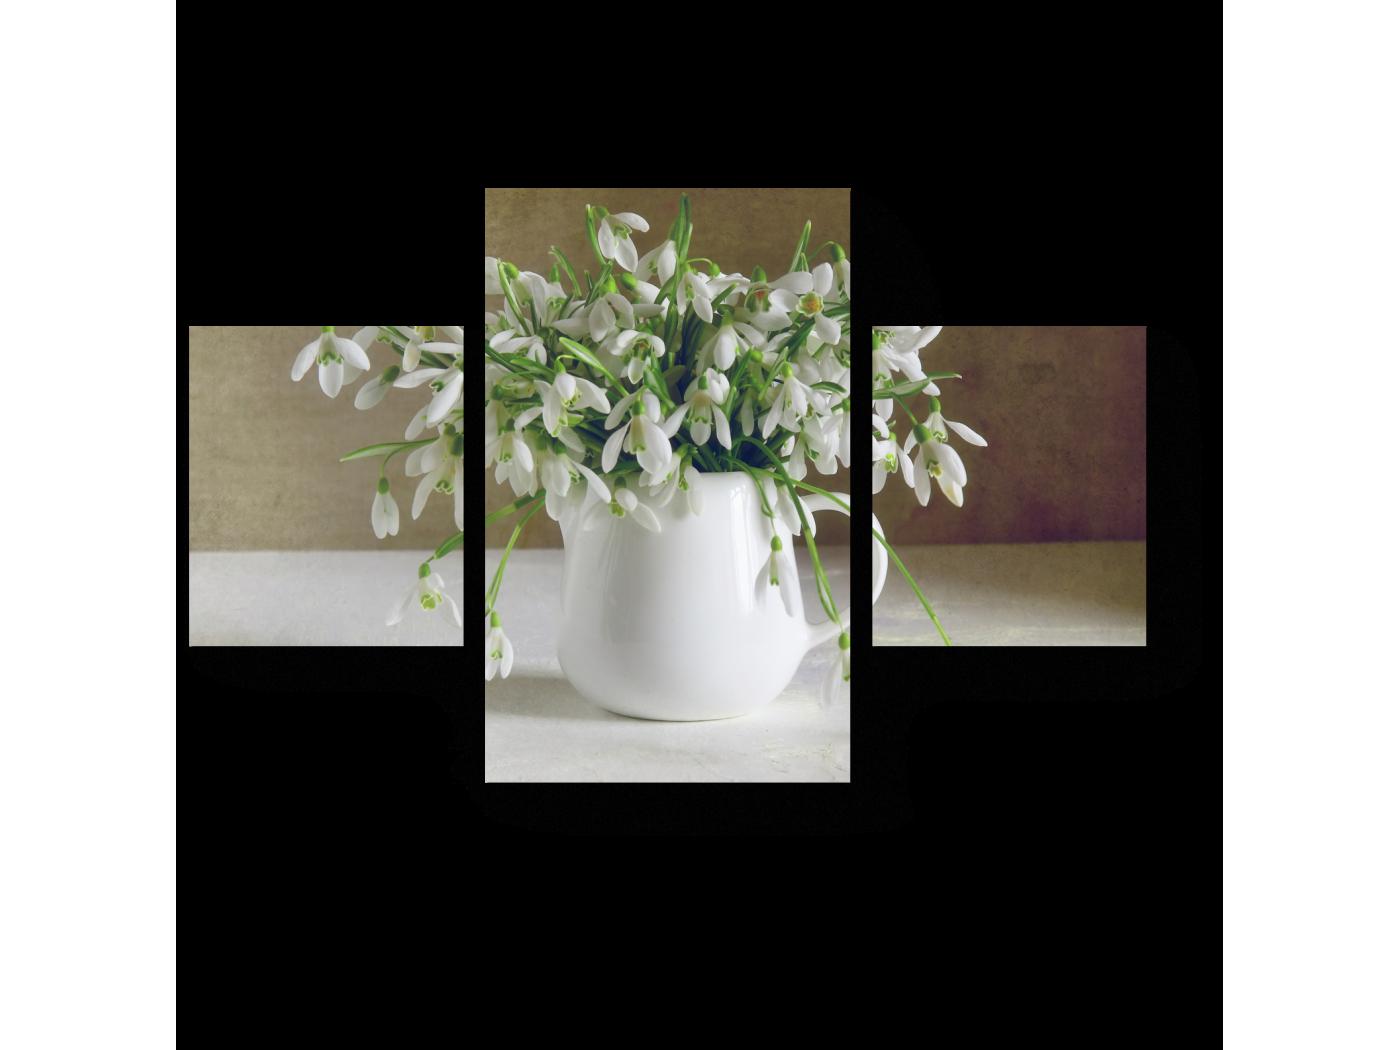 Модульная картина Нежные подснежники (80x52) фото